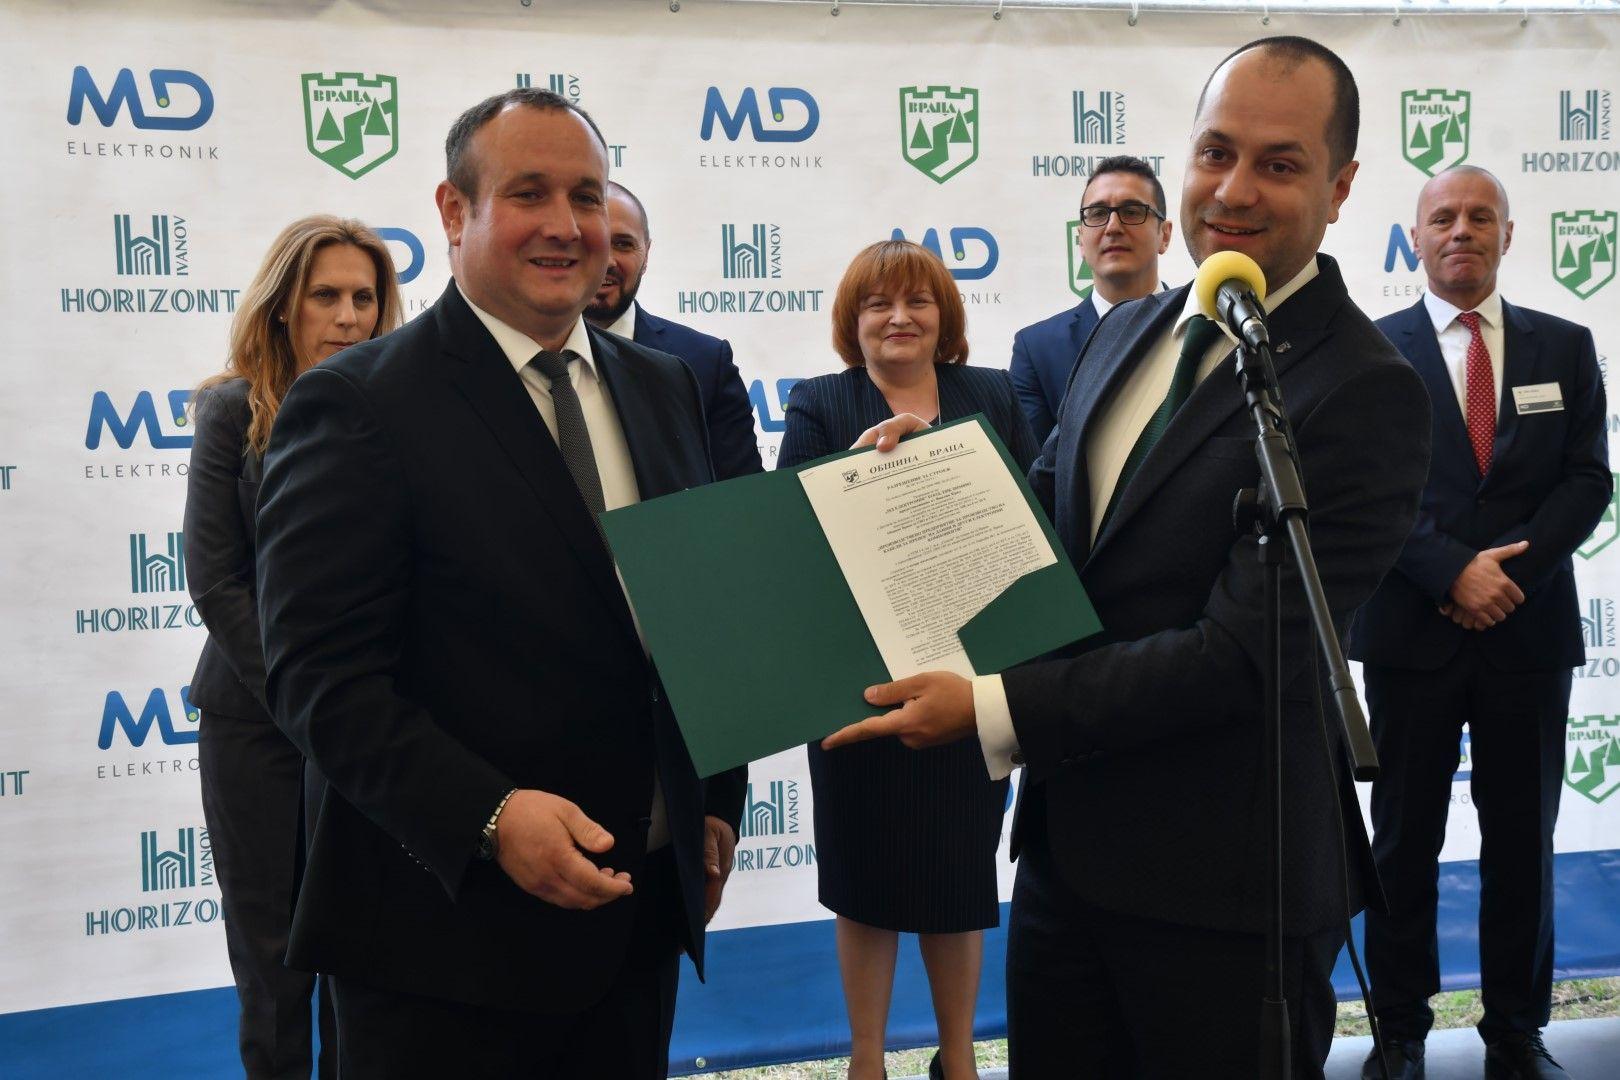 Кметът Калин Каменов (вдясно) връчи разрешителното за строеж на завода на изпълнителния директор Роберт Хофман